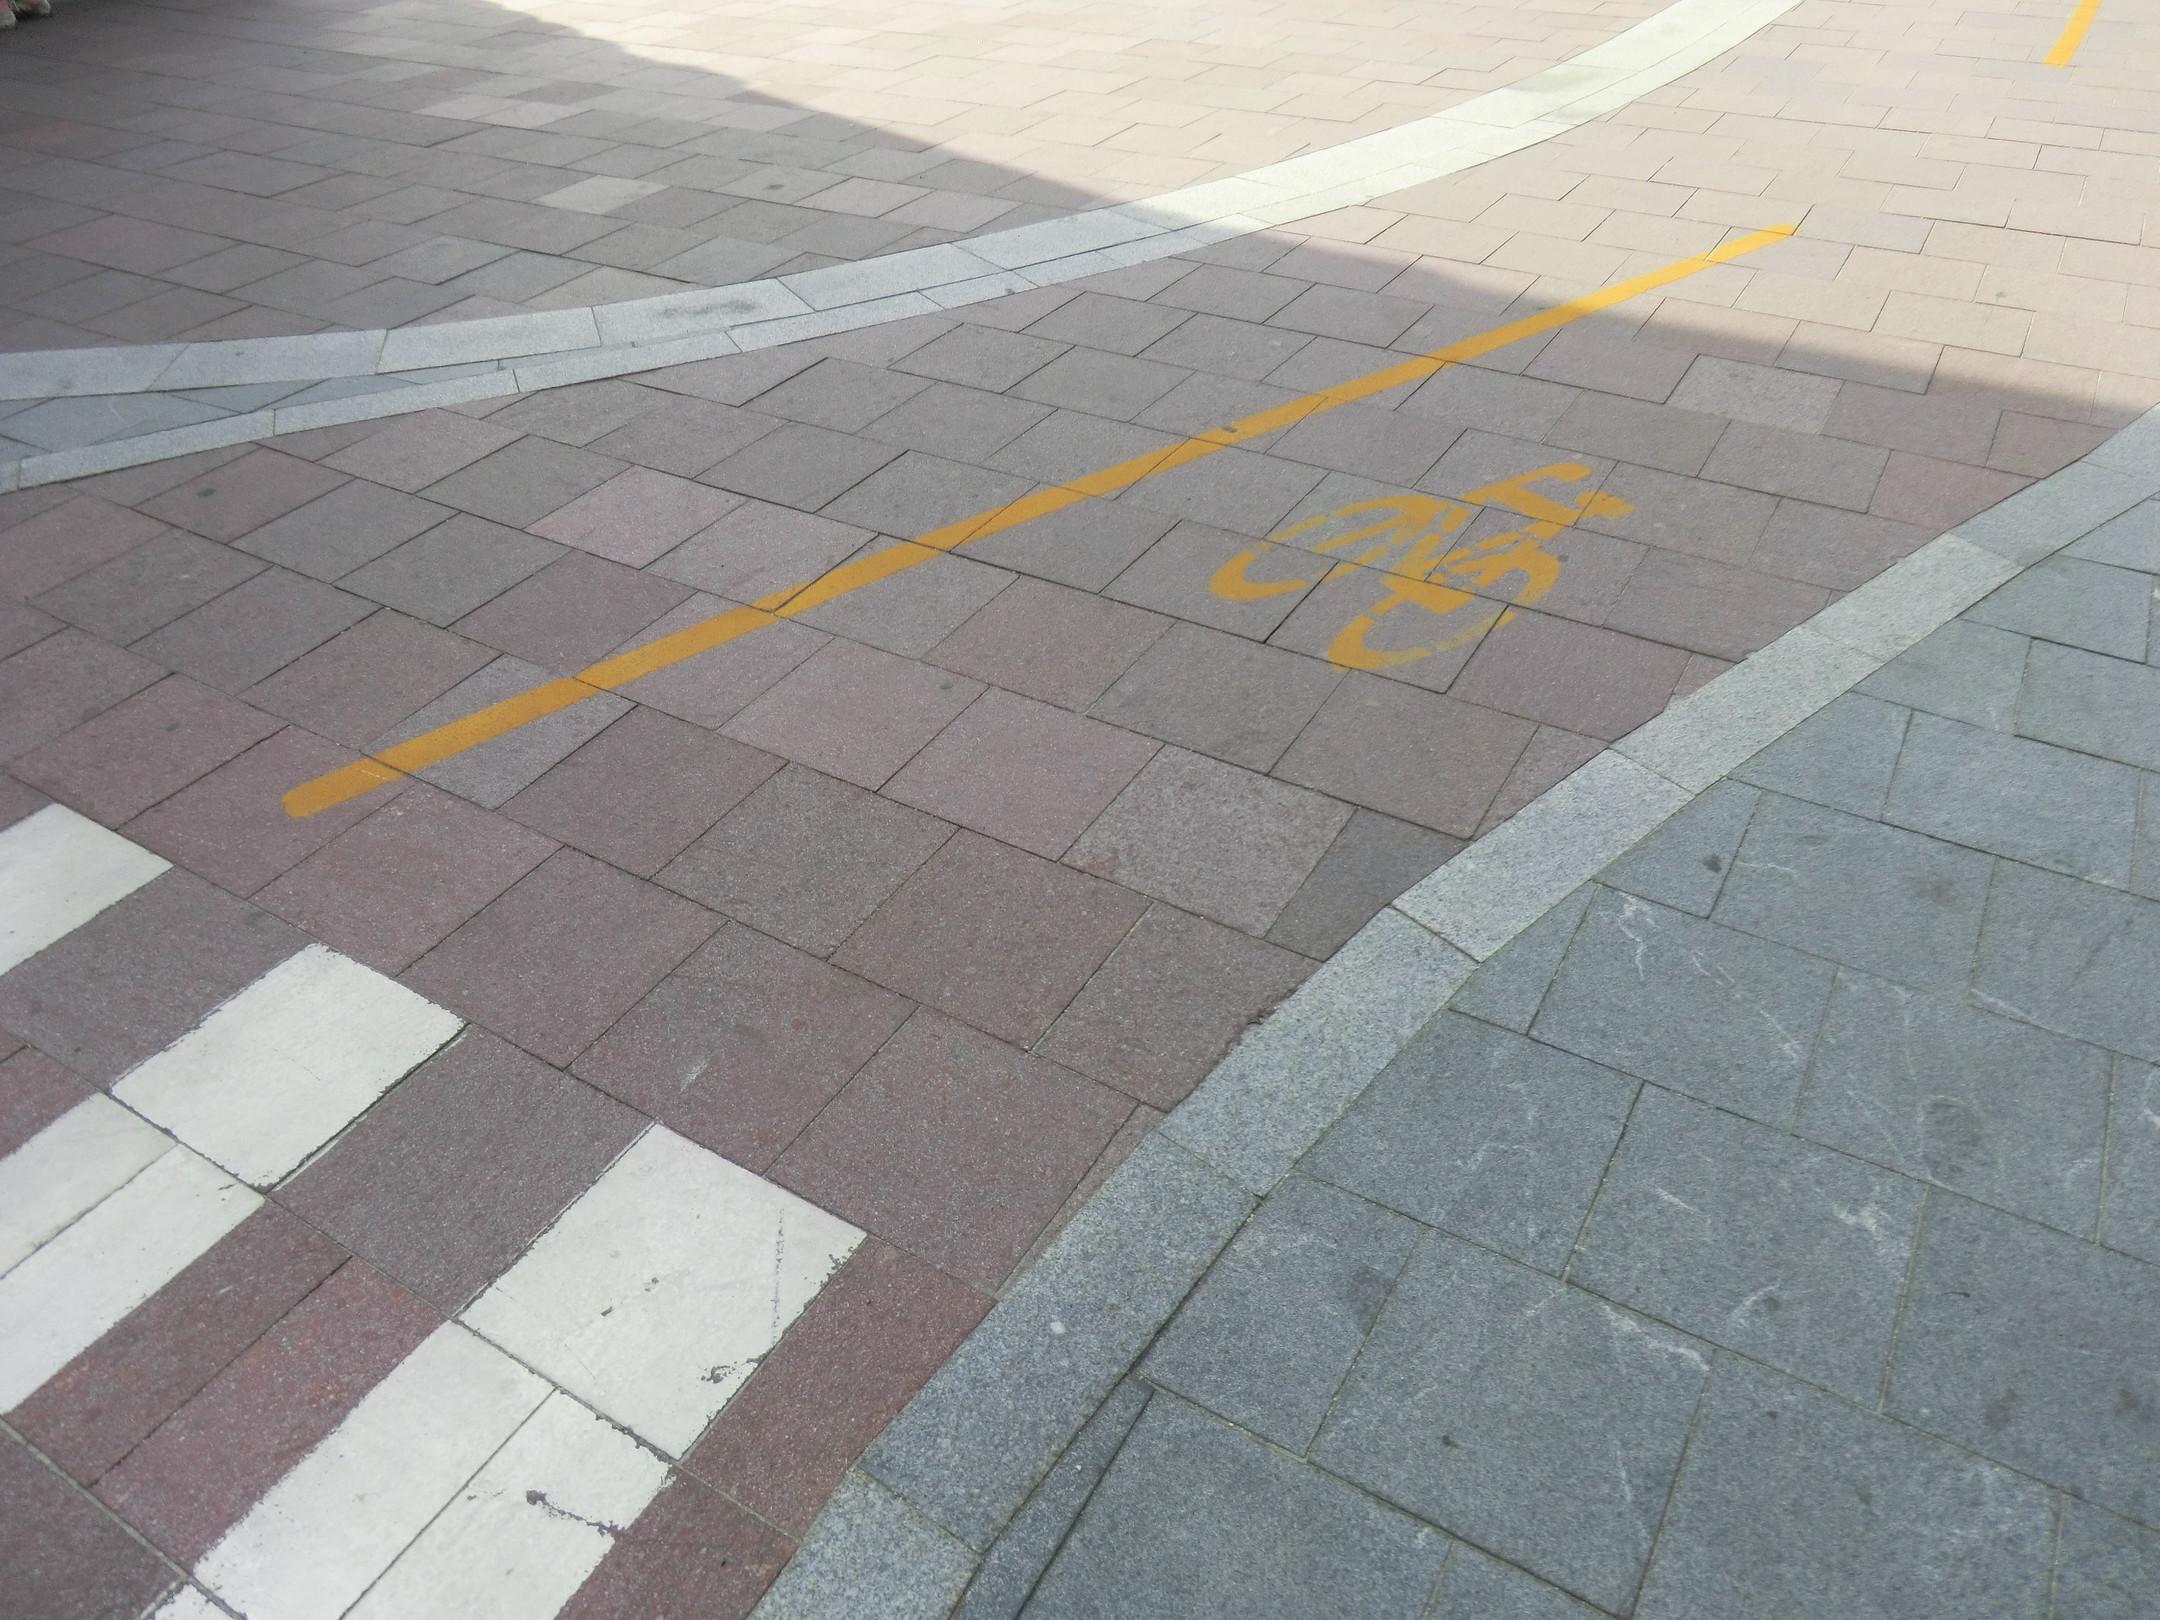 Bicycle lanes!